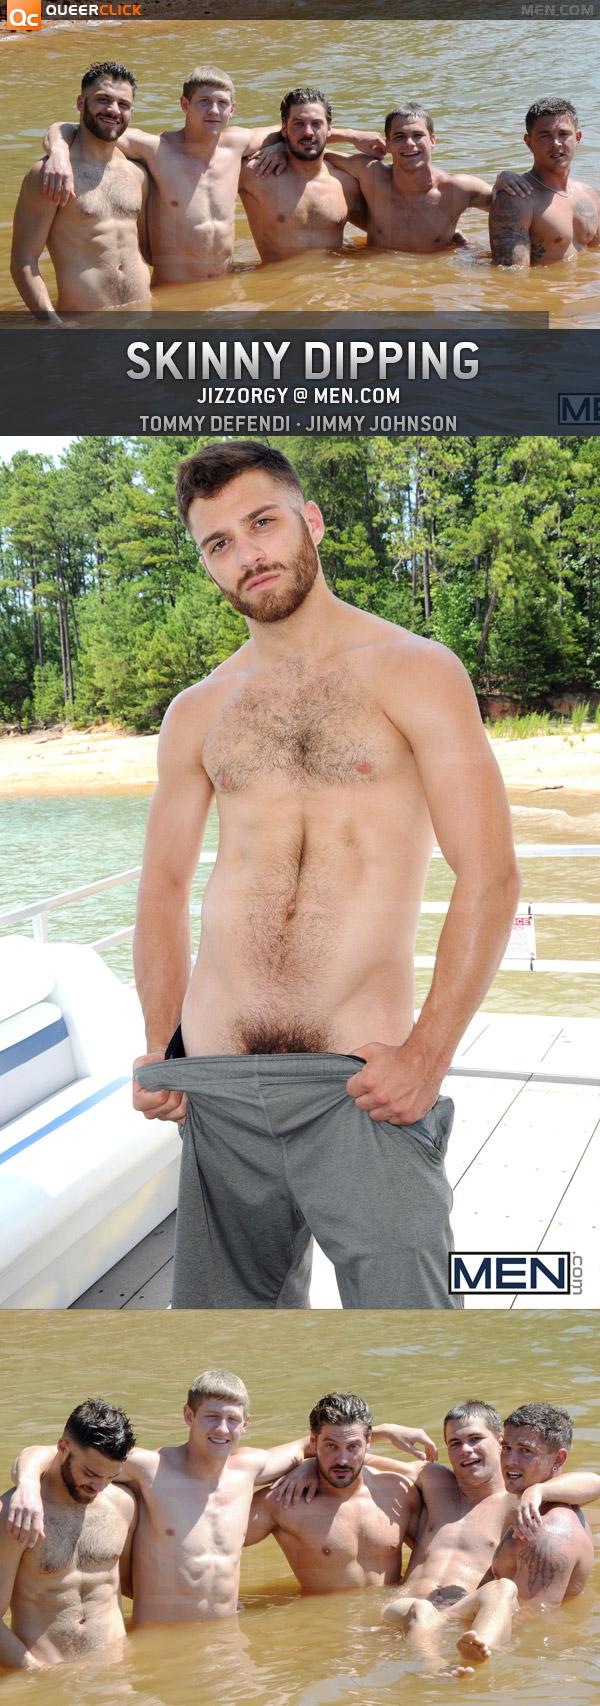 Skinny Dipping at men.com